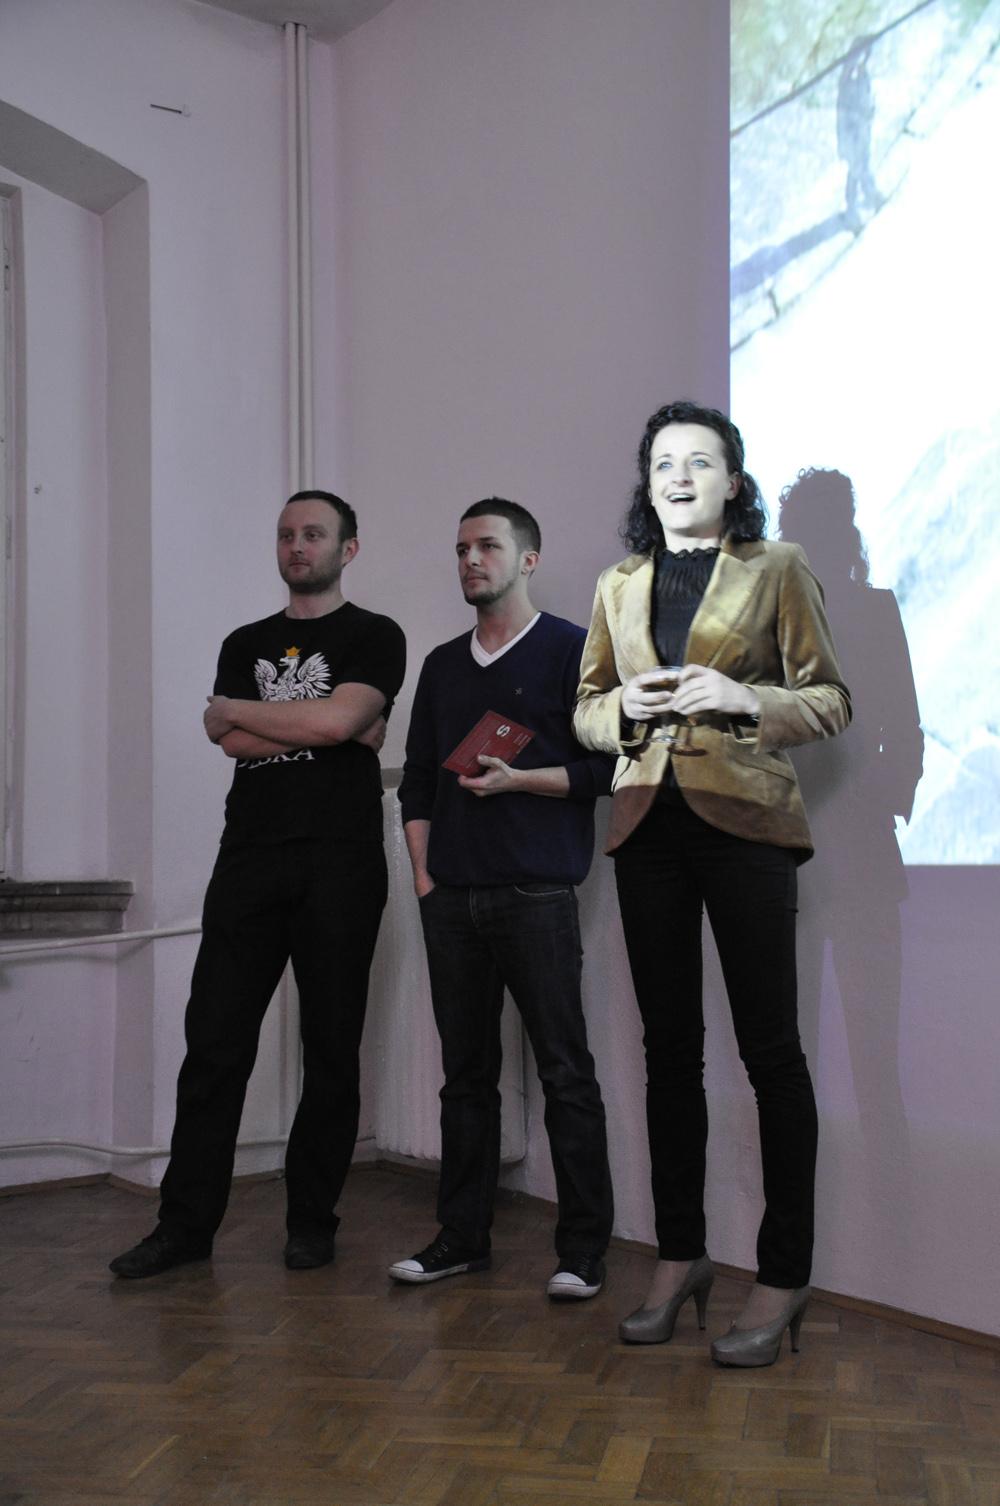 Wernisaż: M. Bieniek, K. Bieniek i P. Kmita